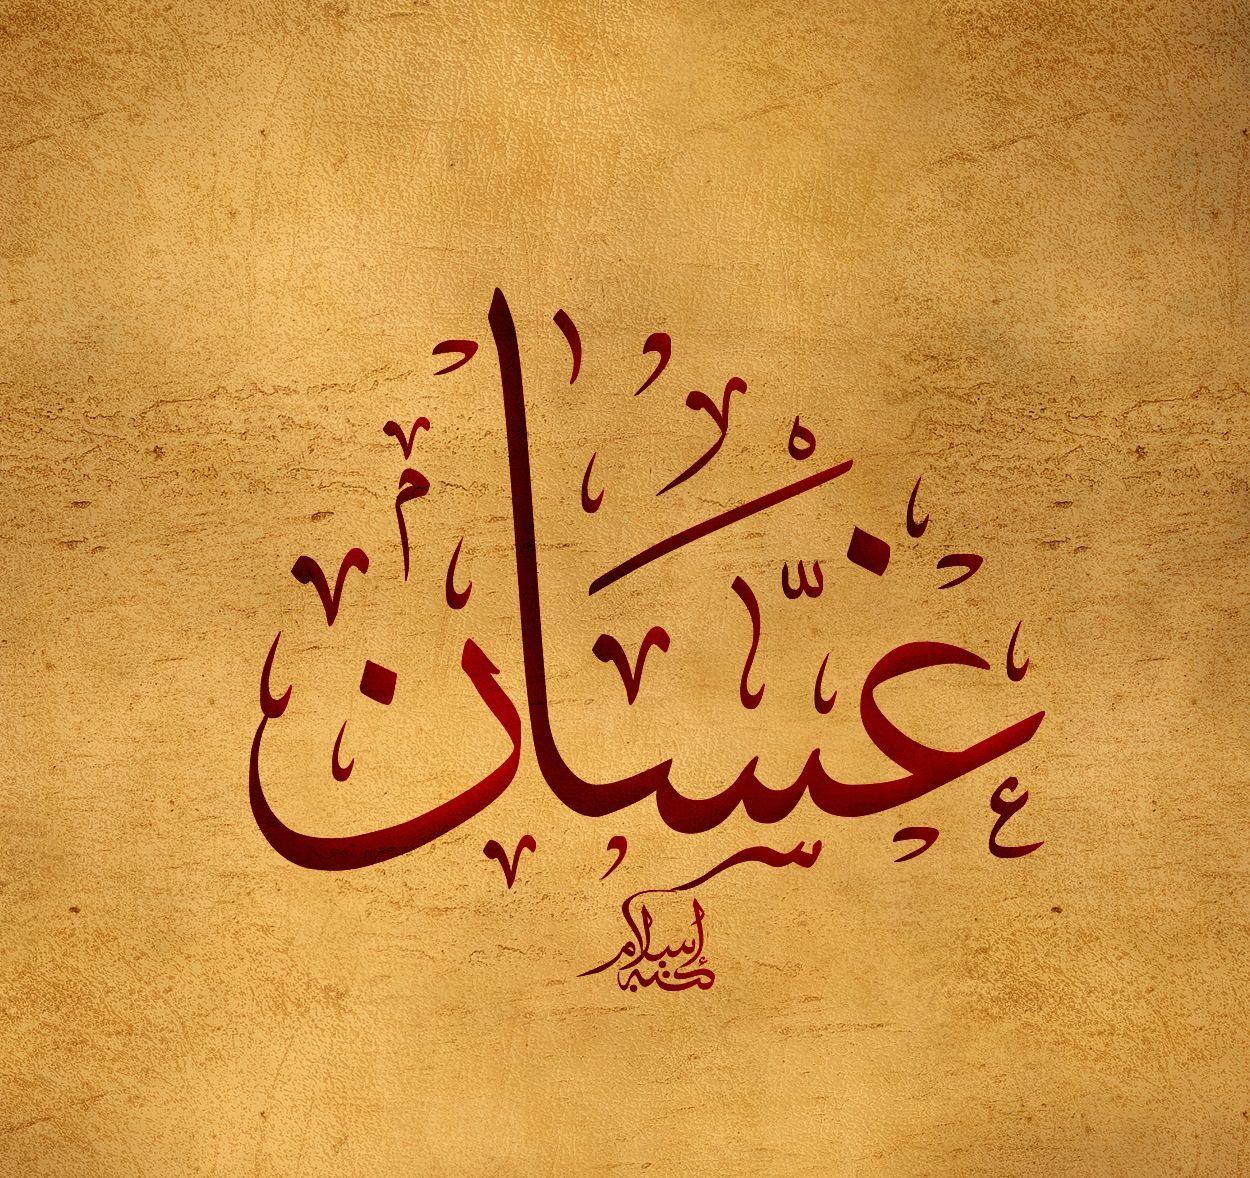 صور اسم غسان